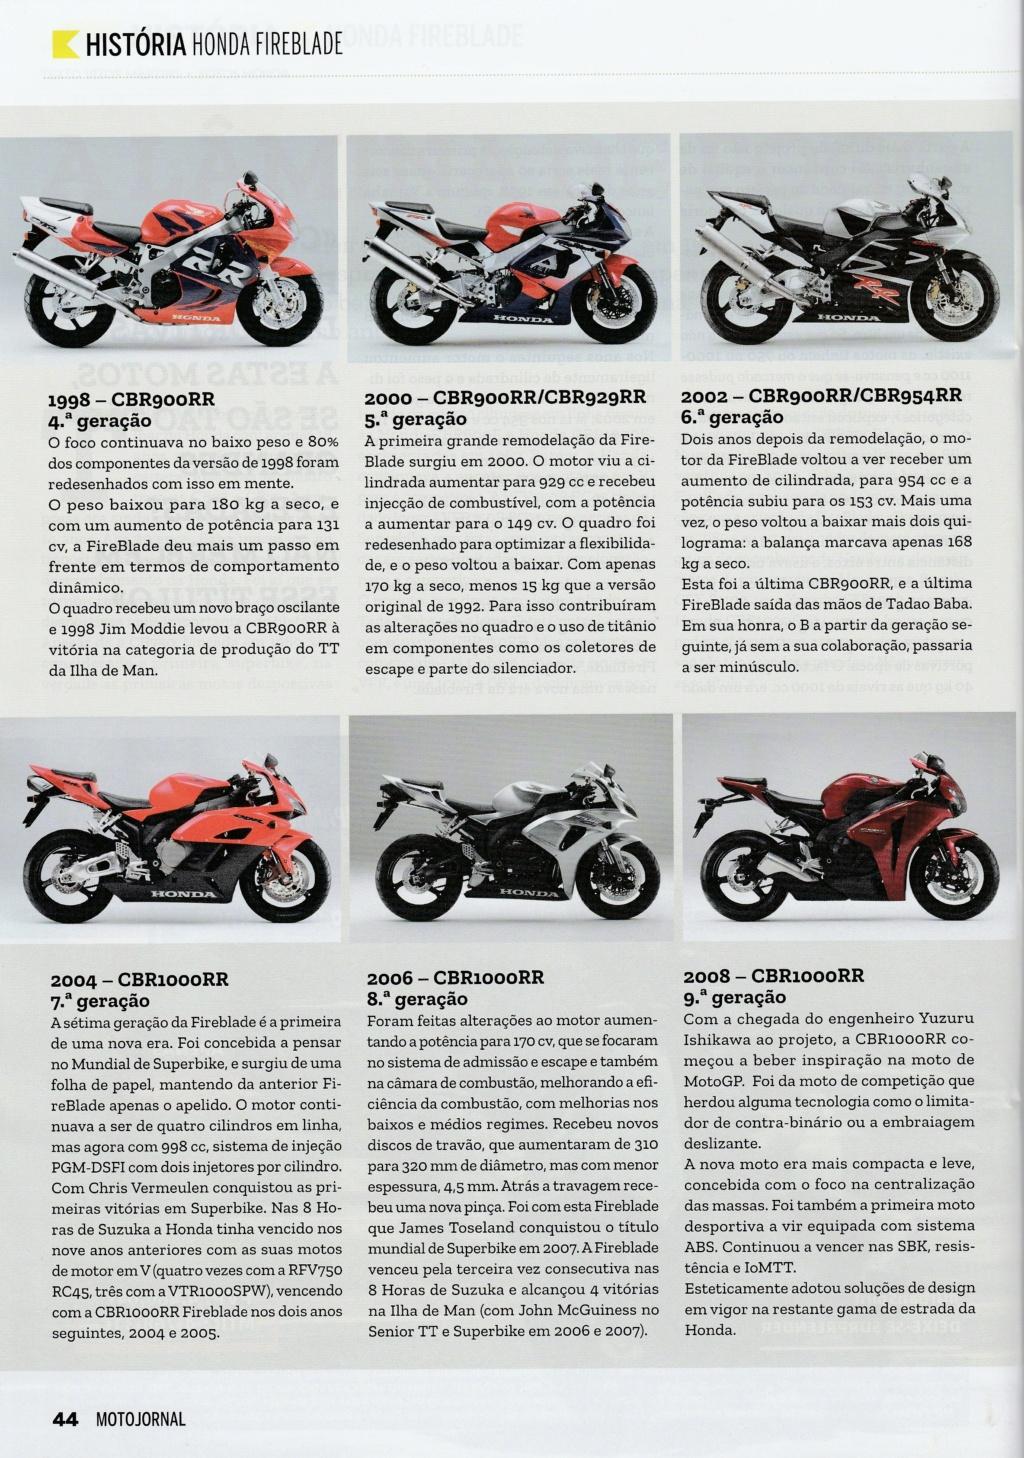 História da Honda Fireblade até à data Mj_fir12